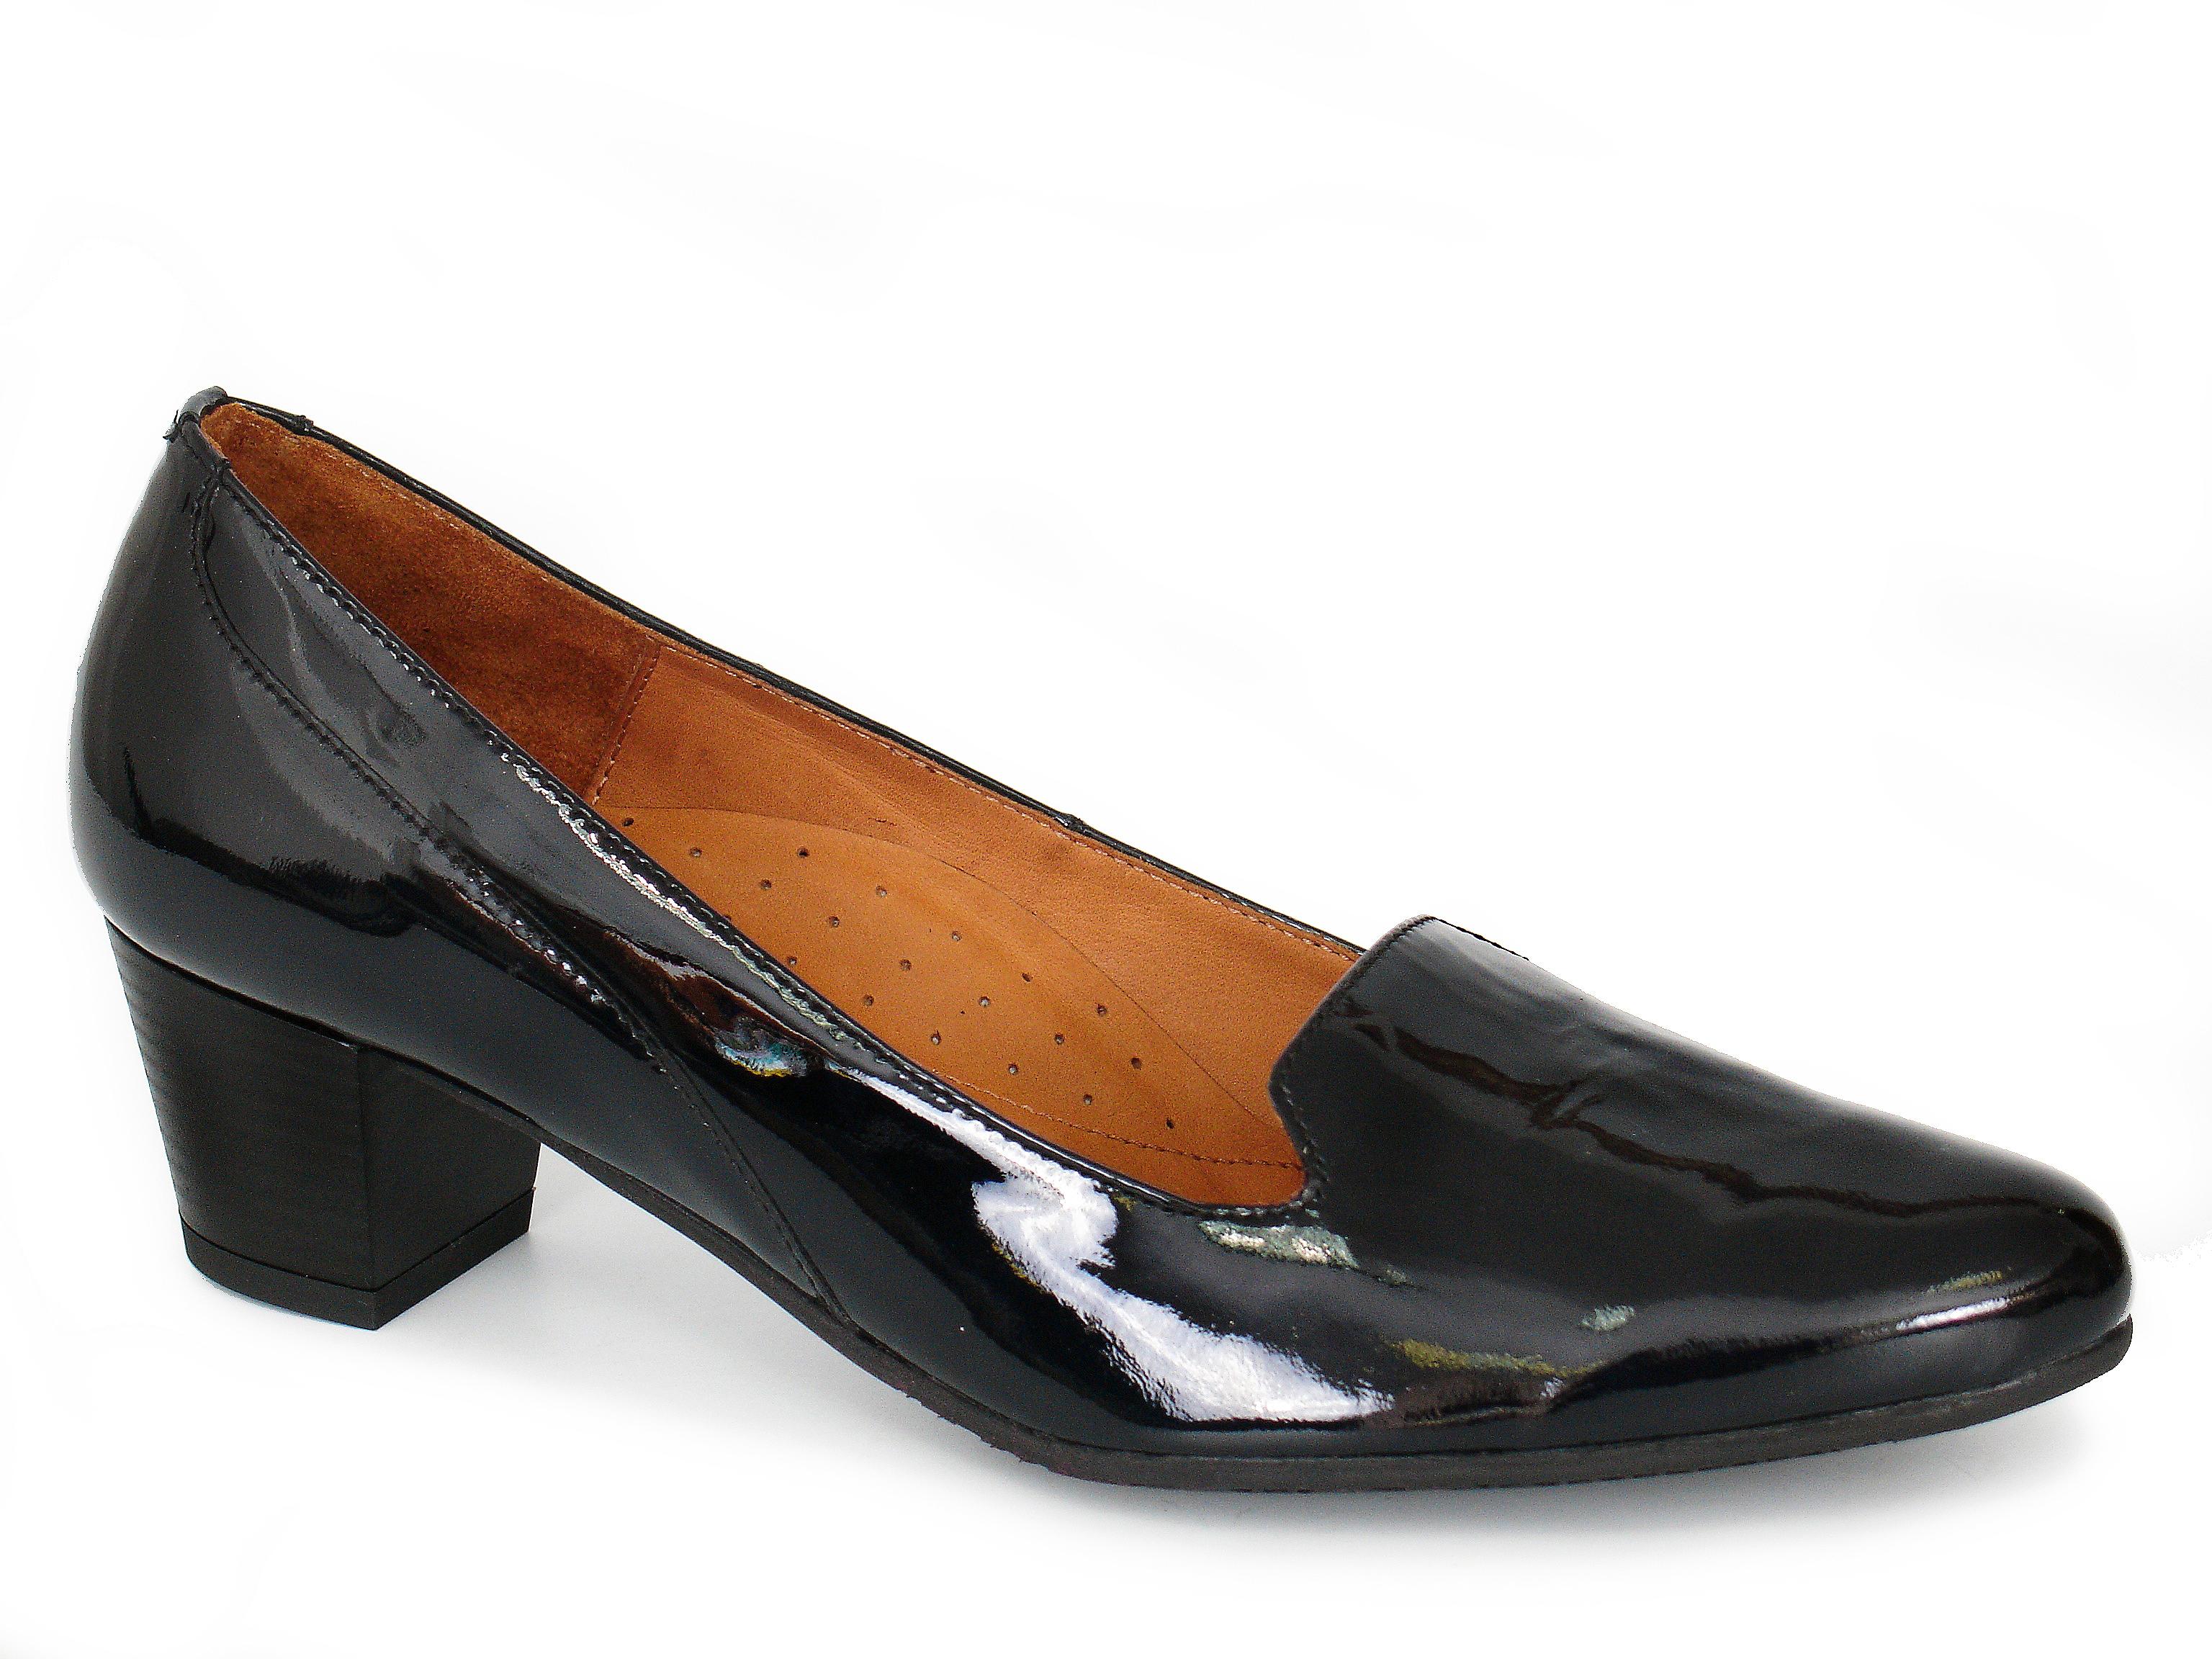 Сбор заказов. Женская обувь -7. Кожа. Удобная колодка, цены очень антикризисные, готовимся к осени она уже на походе.